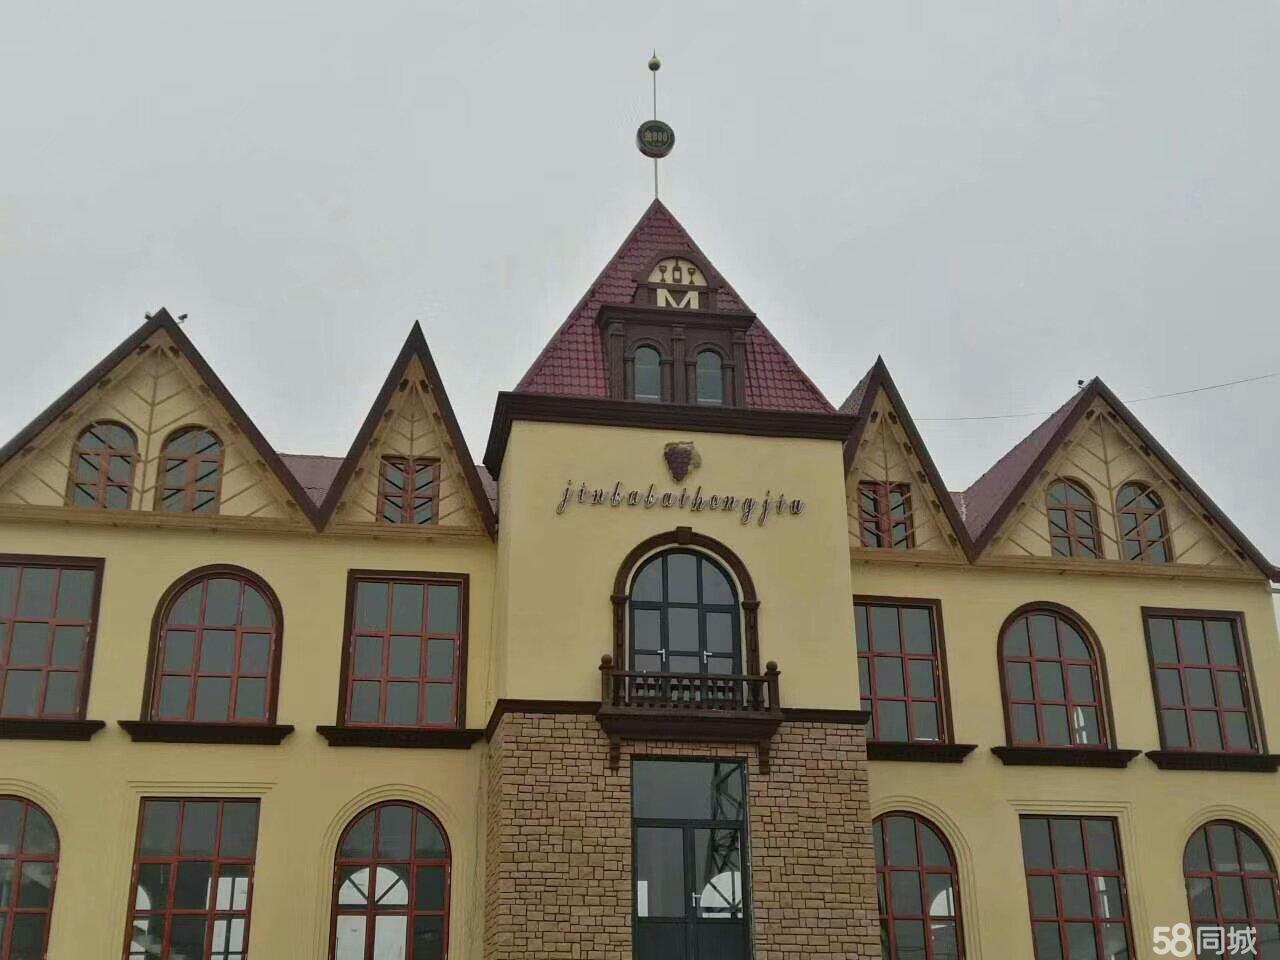 卢龙秦皇国际公寓9室6厅9卫15318平米